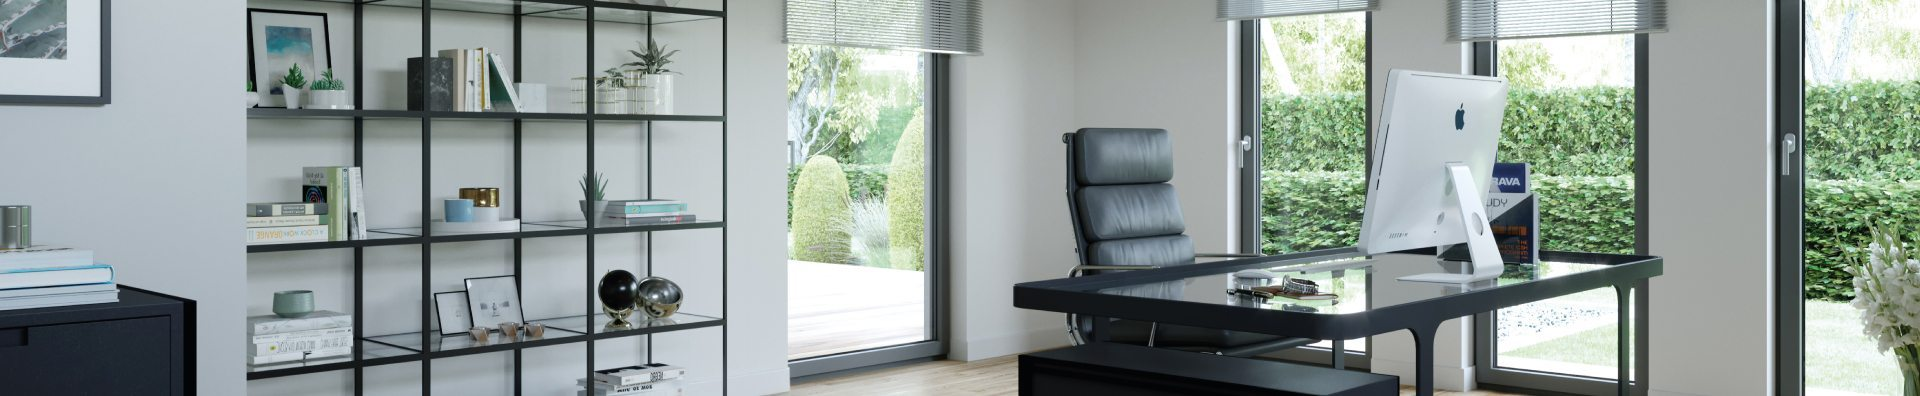 Design-Pakete Interieur » Fertighaus von Schwabenhaus